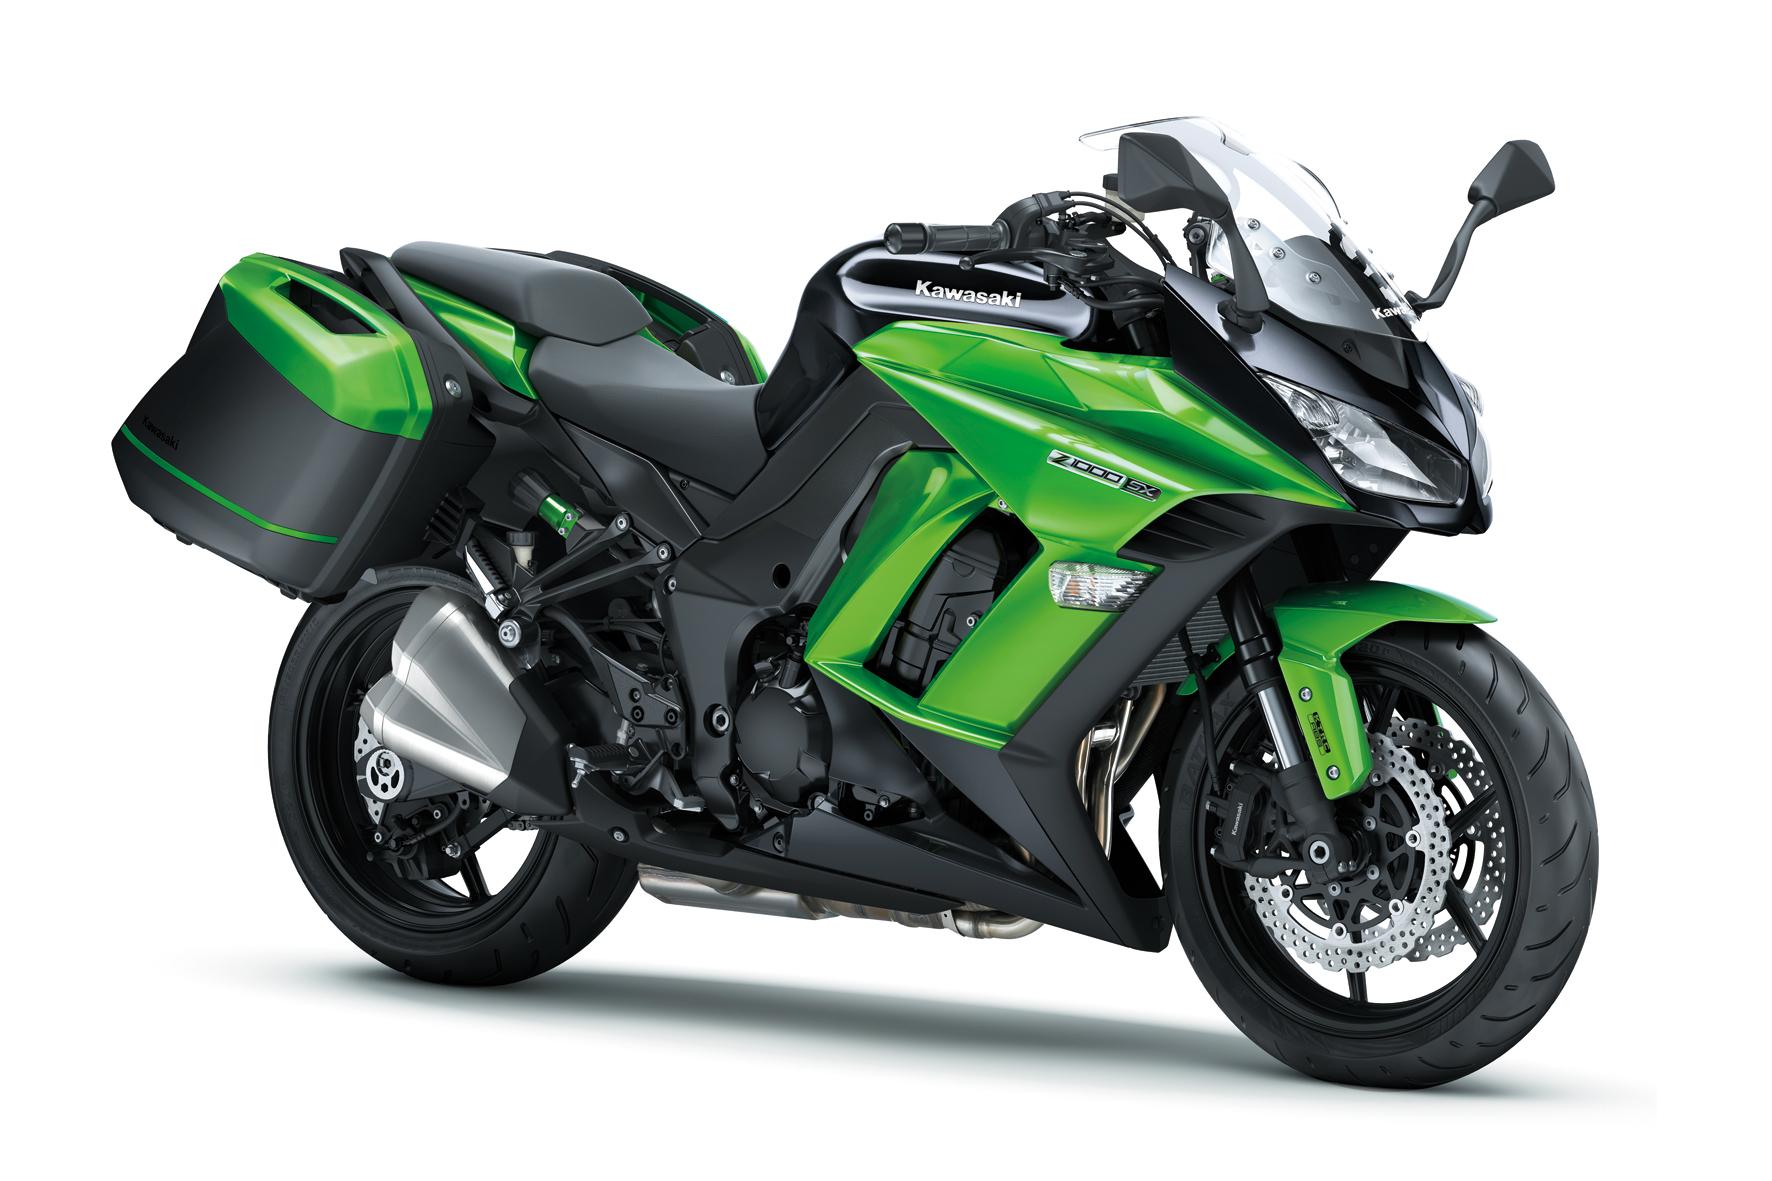 """mid Düsseldorf - Das Basis-Modell Kawasaki Z1000SX wird bei der sogenannten """"Jackpot-Aktion"""" des Motorrad-Herstellers um 1.279 Euro günstiger."""